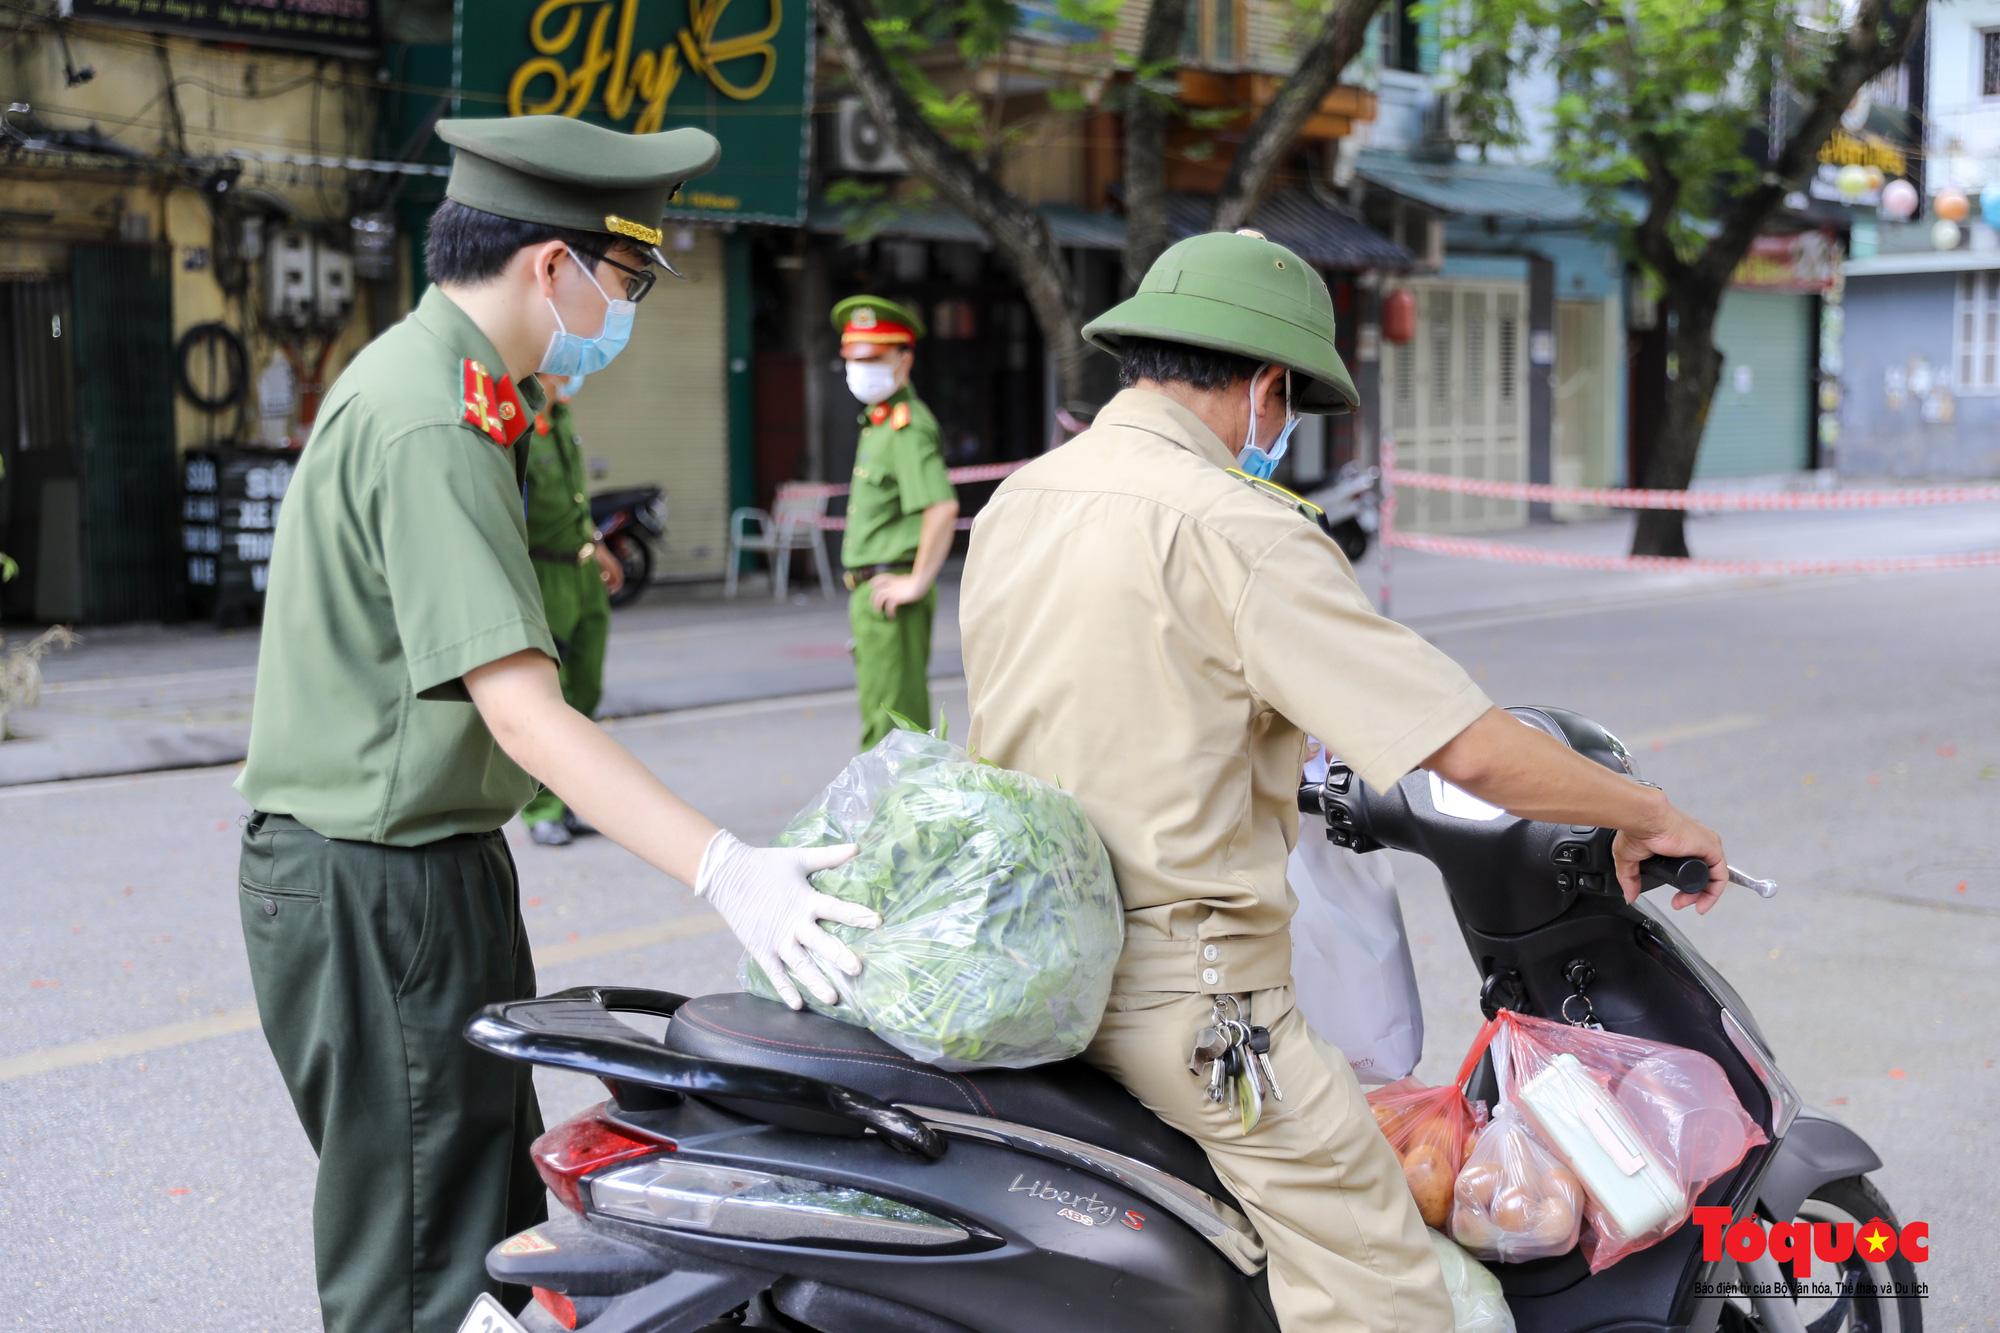 Hà Nội: Phong tỏa 2 phường Văn Miếu, Văn Chương, người dân xếp hàng tiếp tế cho khu cách ly - Ảnh 9.